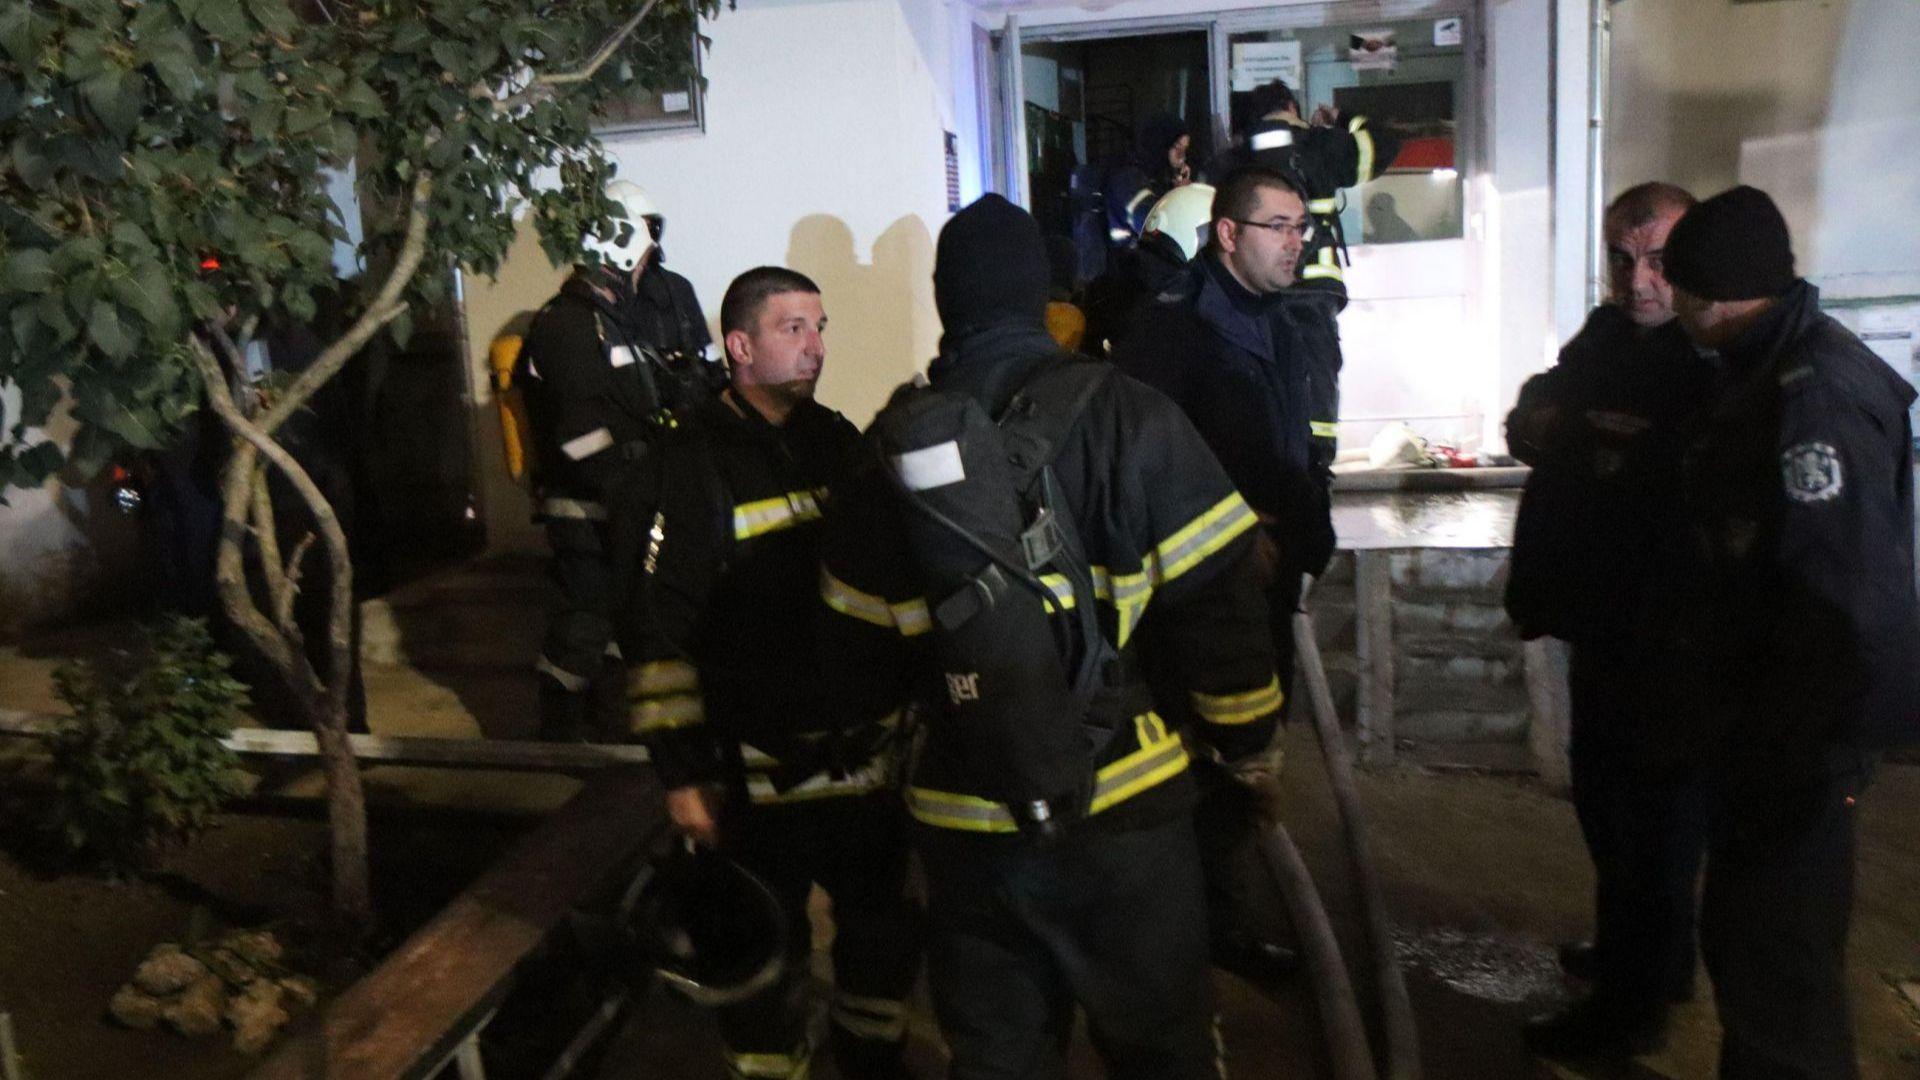 Човешка дейност е причинила пожара във Варна, в който загинаха 2 деца